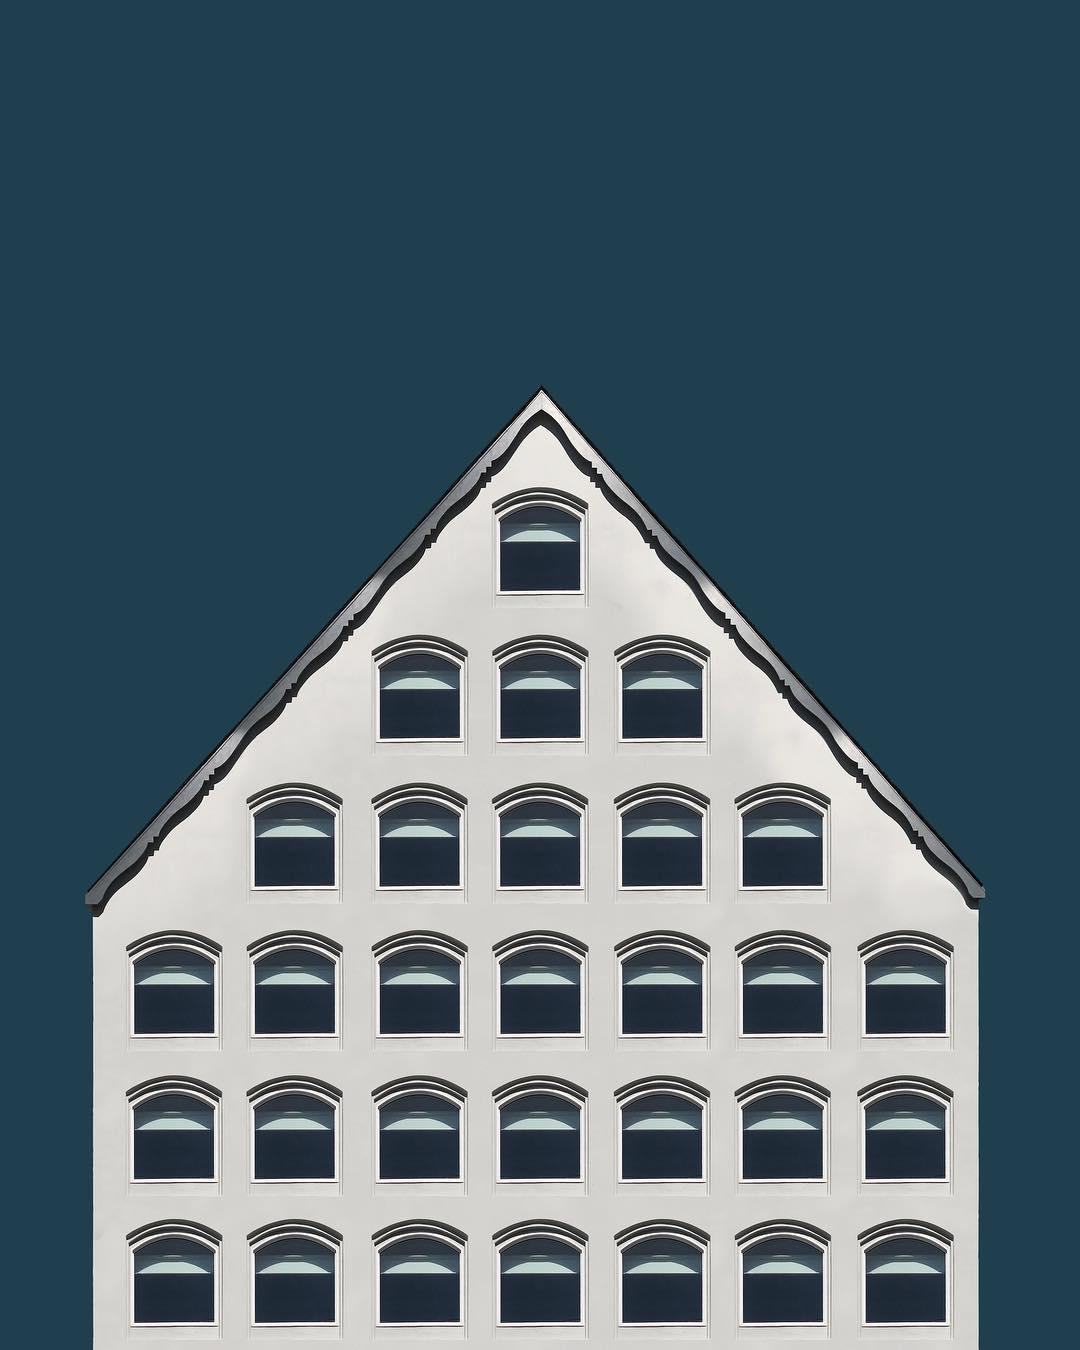 Le folli architetture di Eric Randall Morris | Collater.al 16